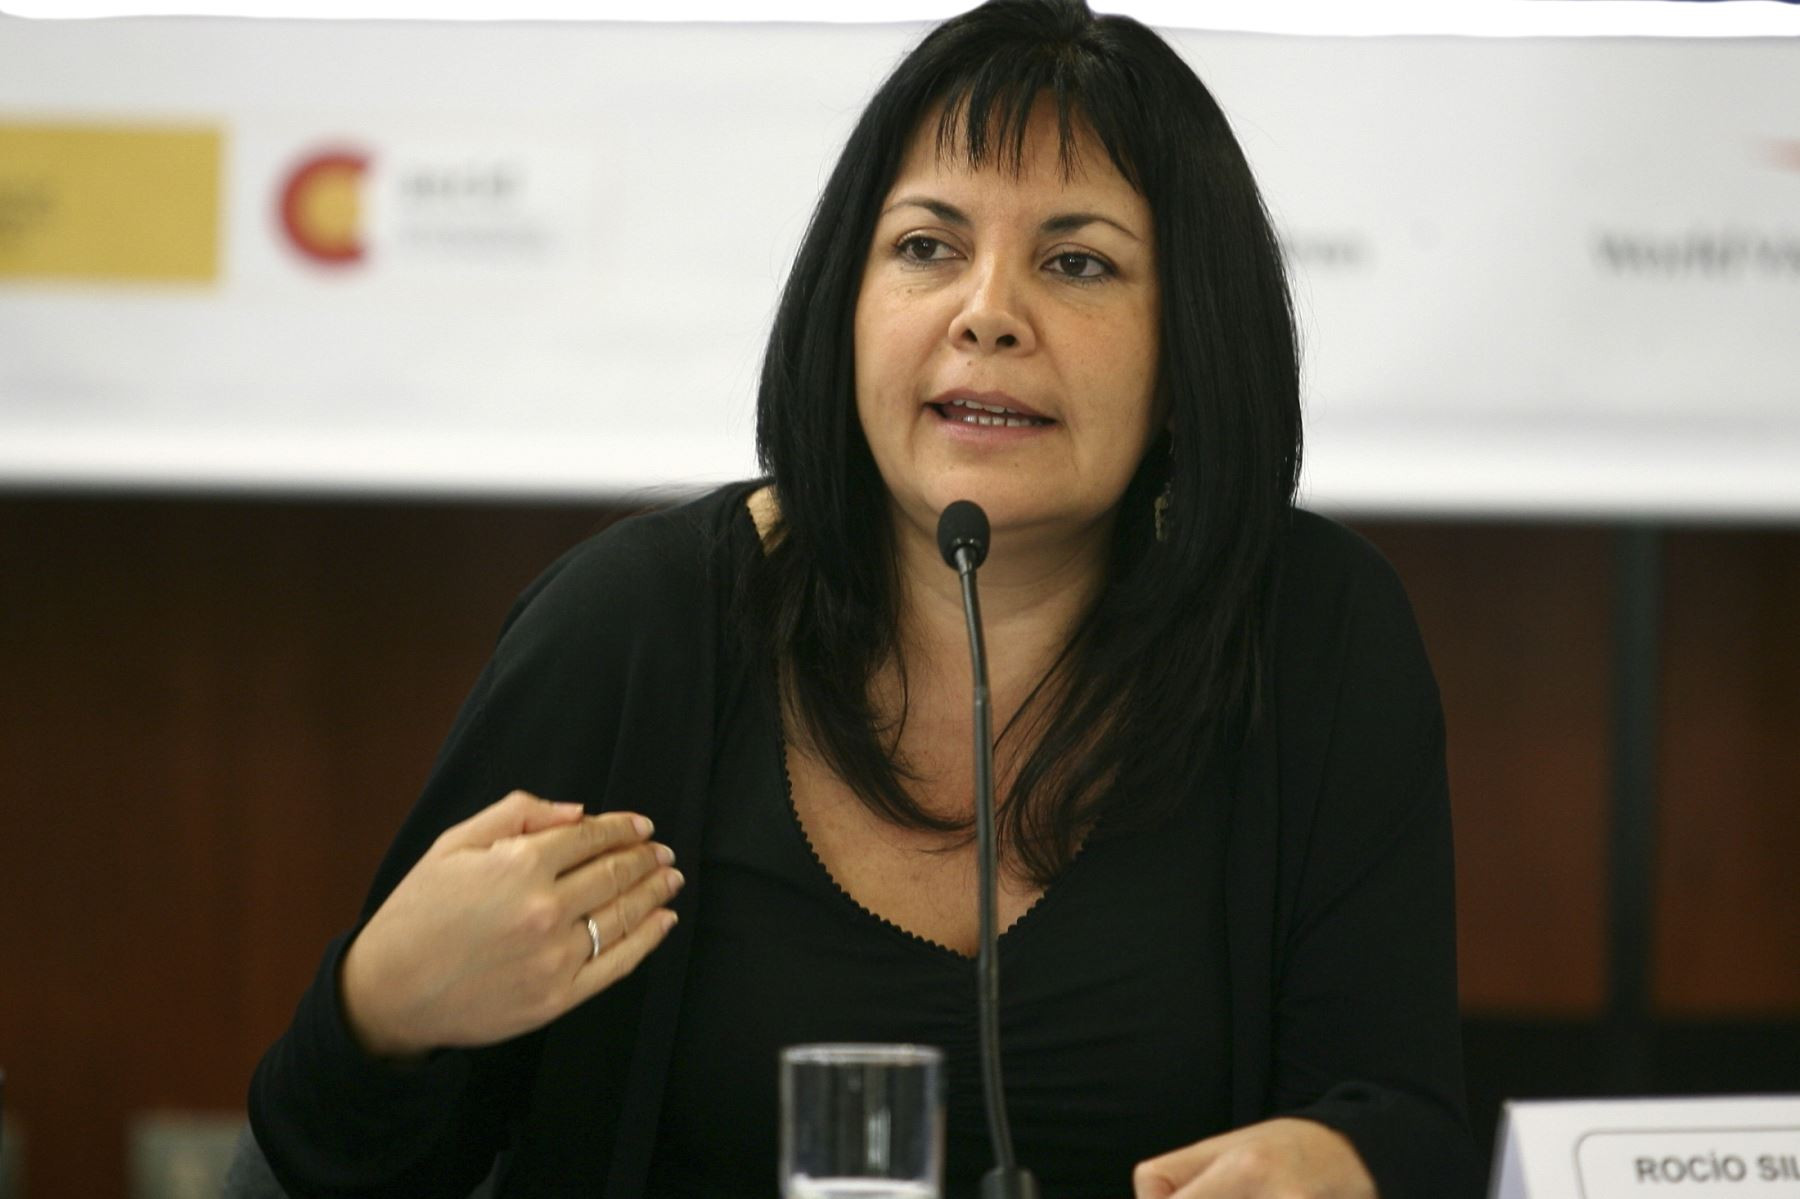 rocio-silva-santisteban-se-convertiria-en-la-nueva-presidenta-de-transicion